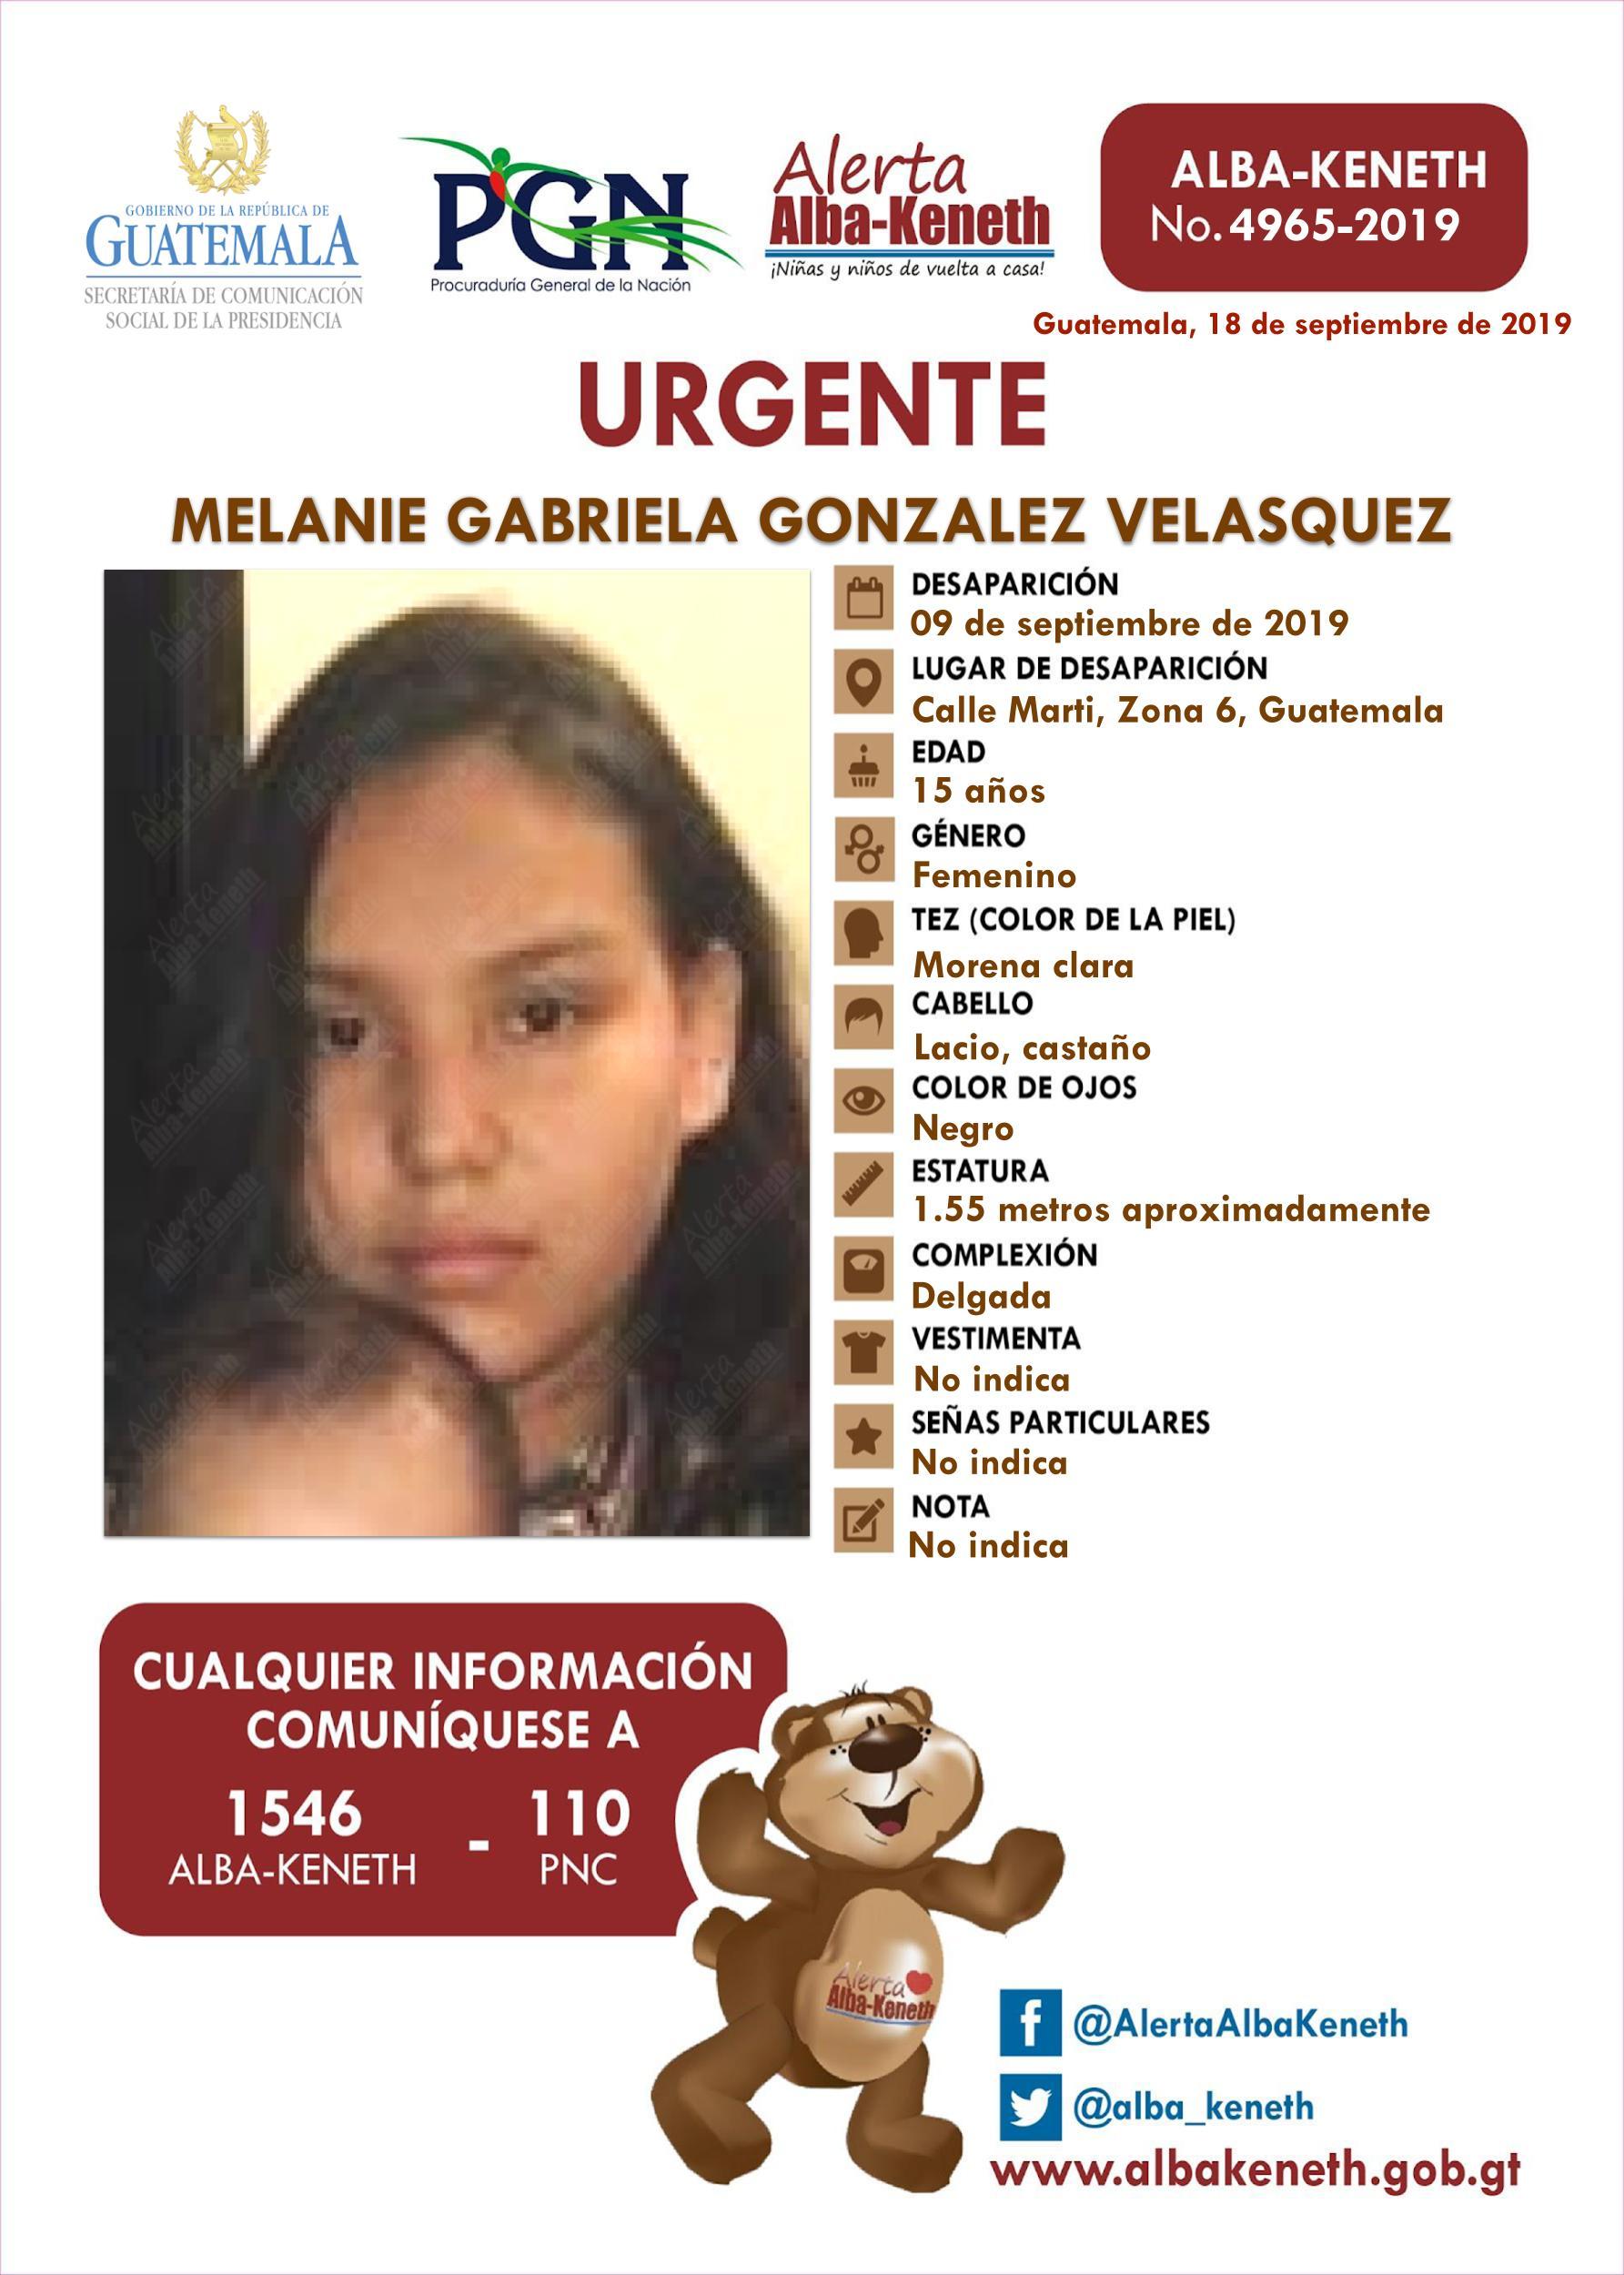 Melanie Gabriela Gonzalez Velasquez